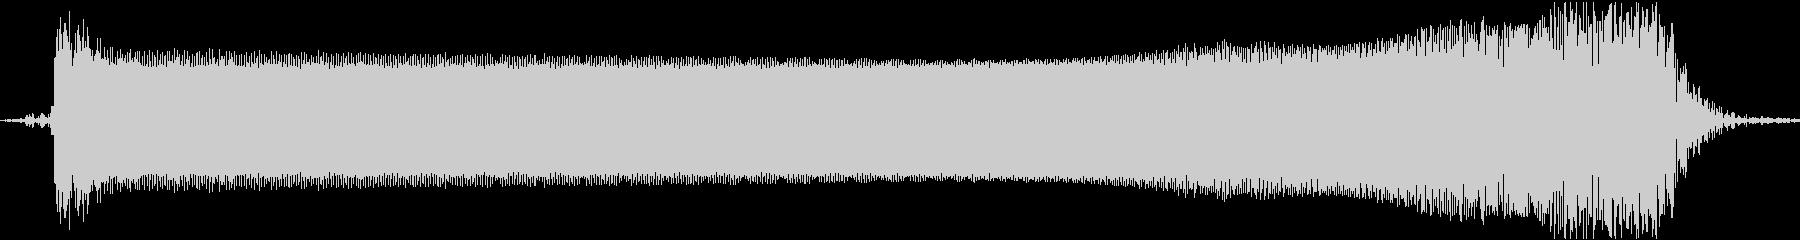 【エレキギター】アームダウン音の未再生の波形